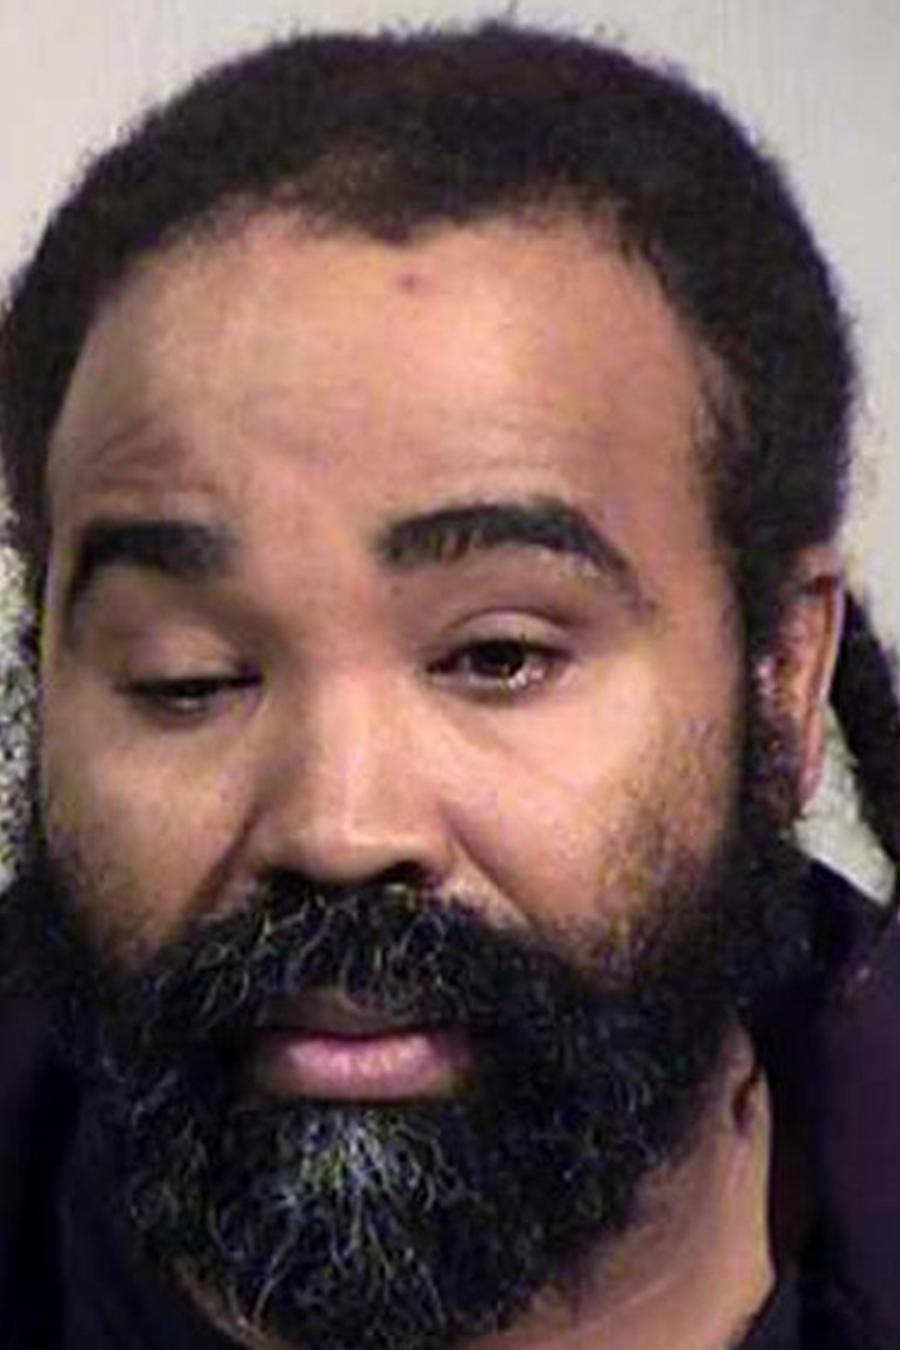 Nathan Sutherland, de 36 años, el hombre arrestado con cargos de agresión sexual después de que mujer en coma diera a luz en Arizona